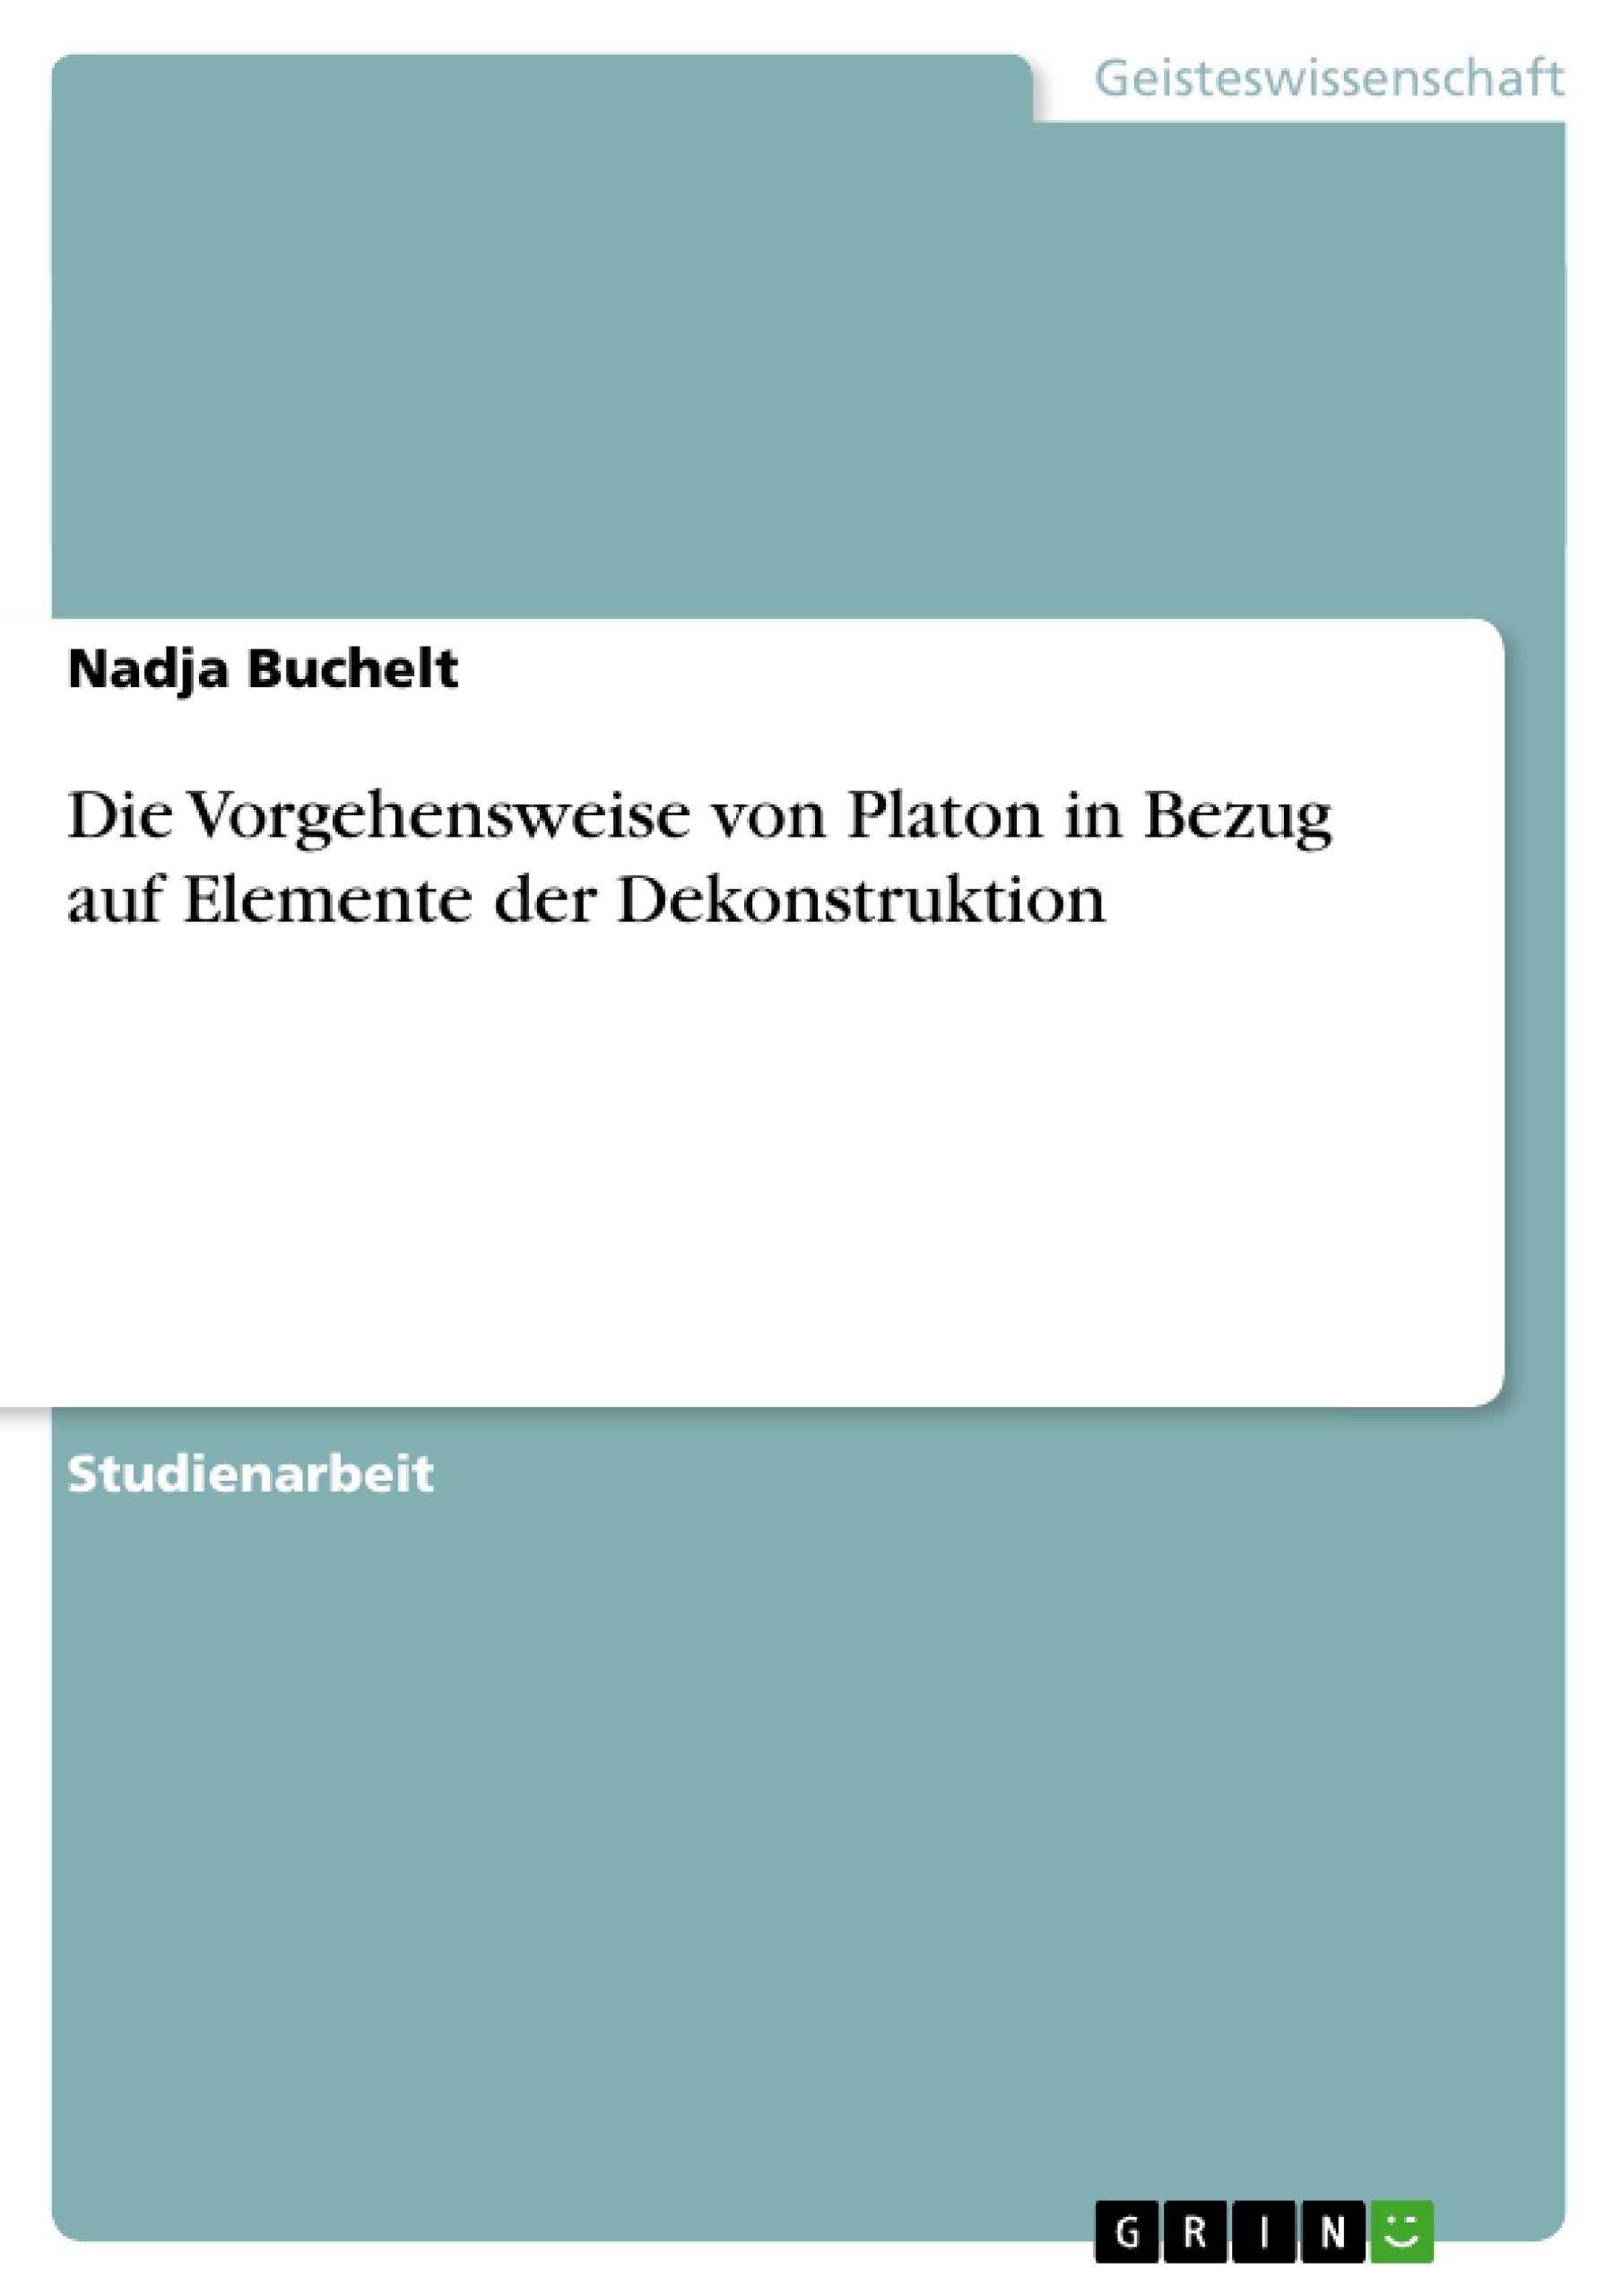 Titel: Die Vorgehensweise von Platon in Bezug auf Elemente der Dekonstruktion